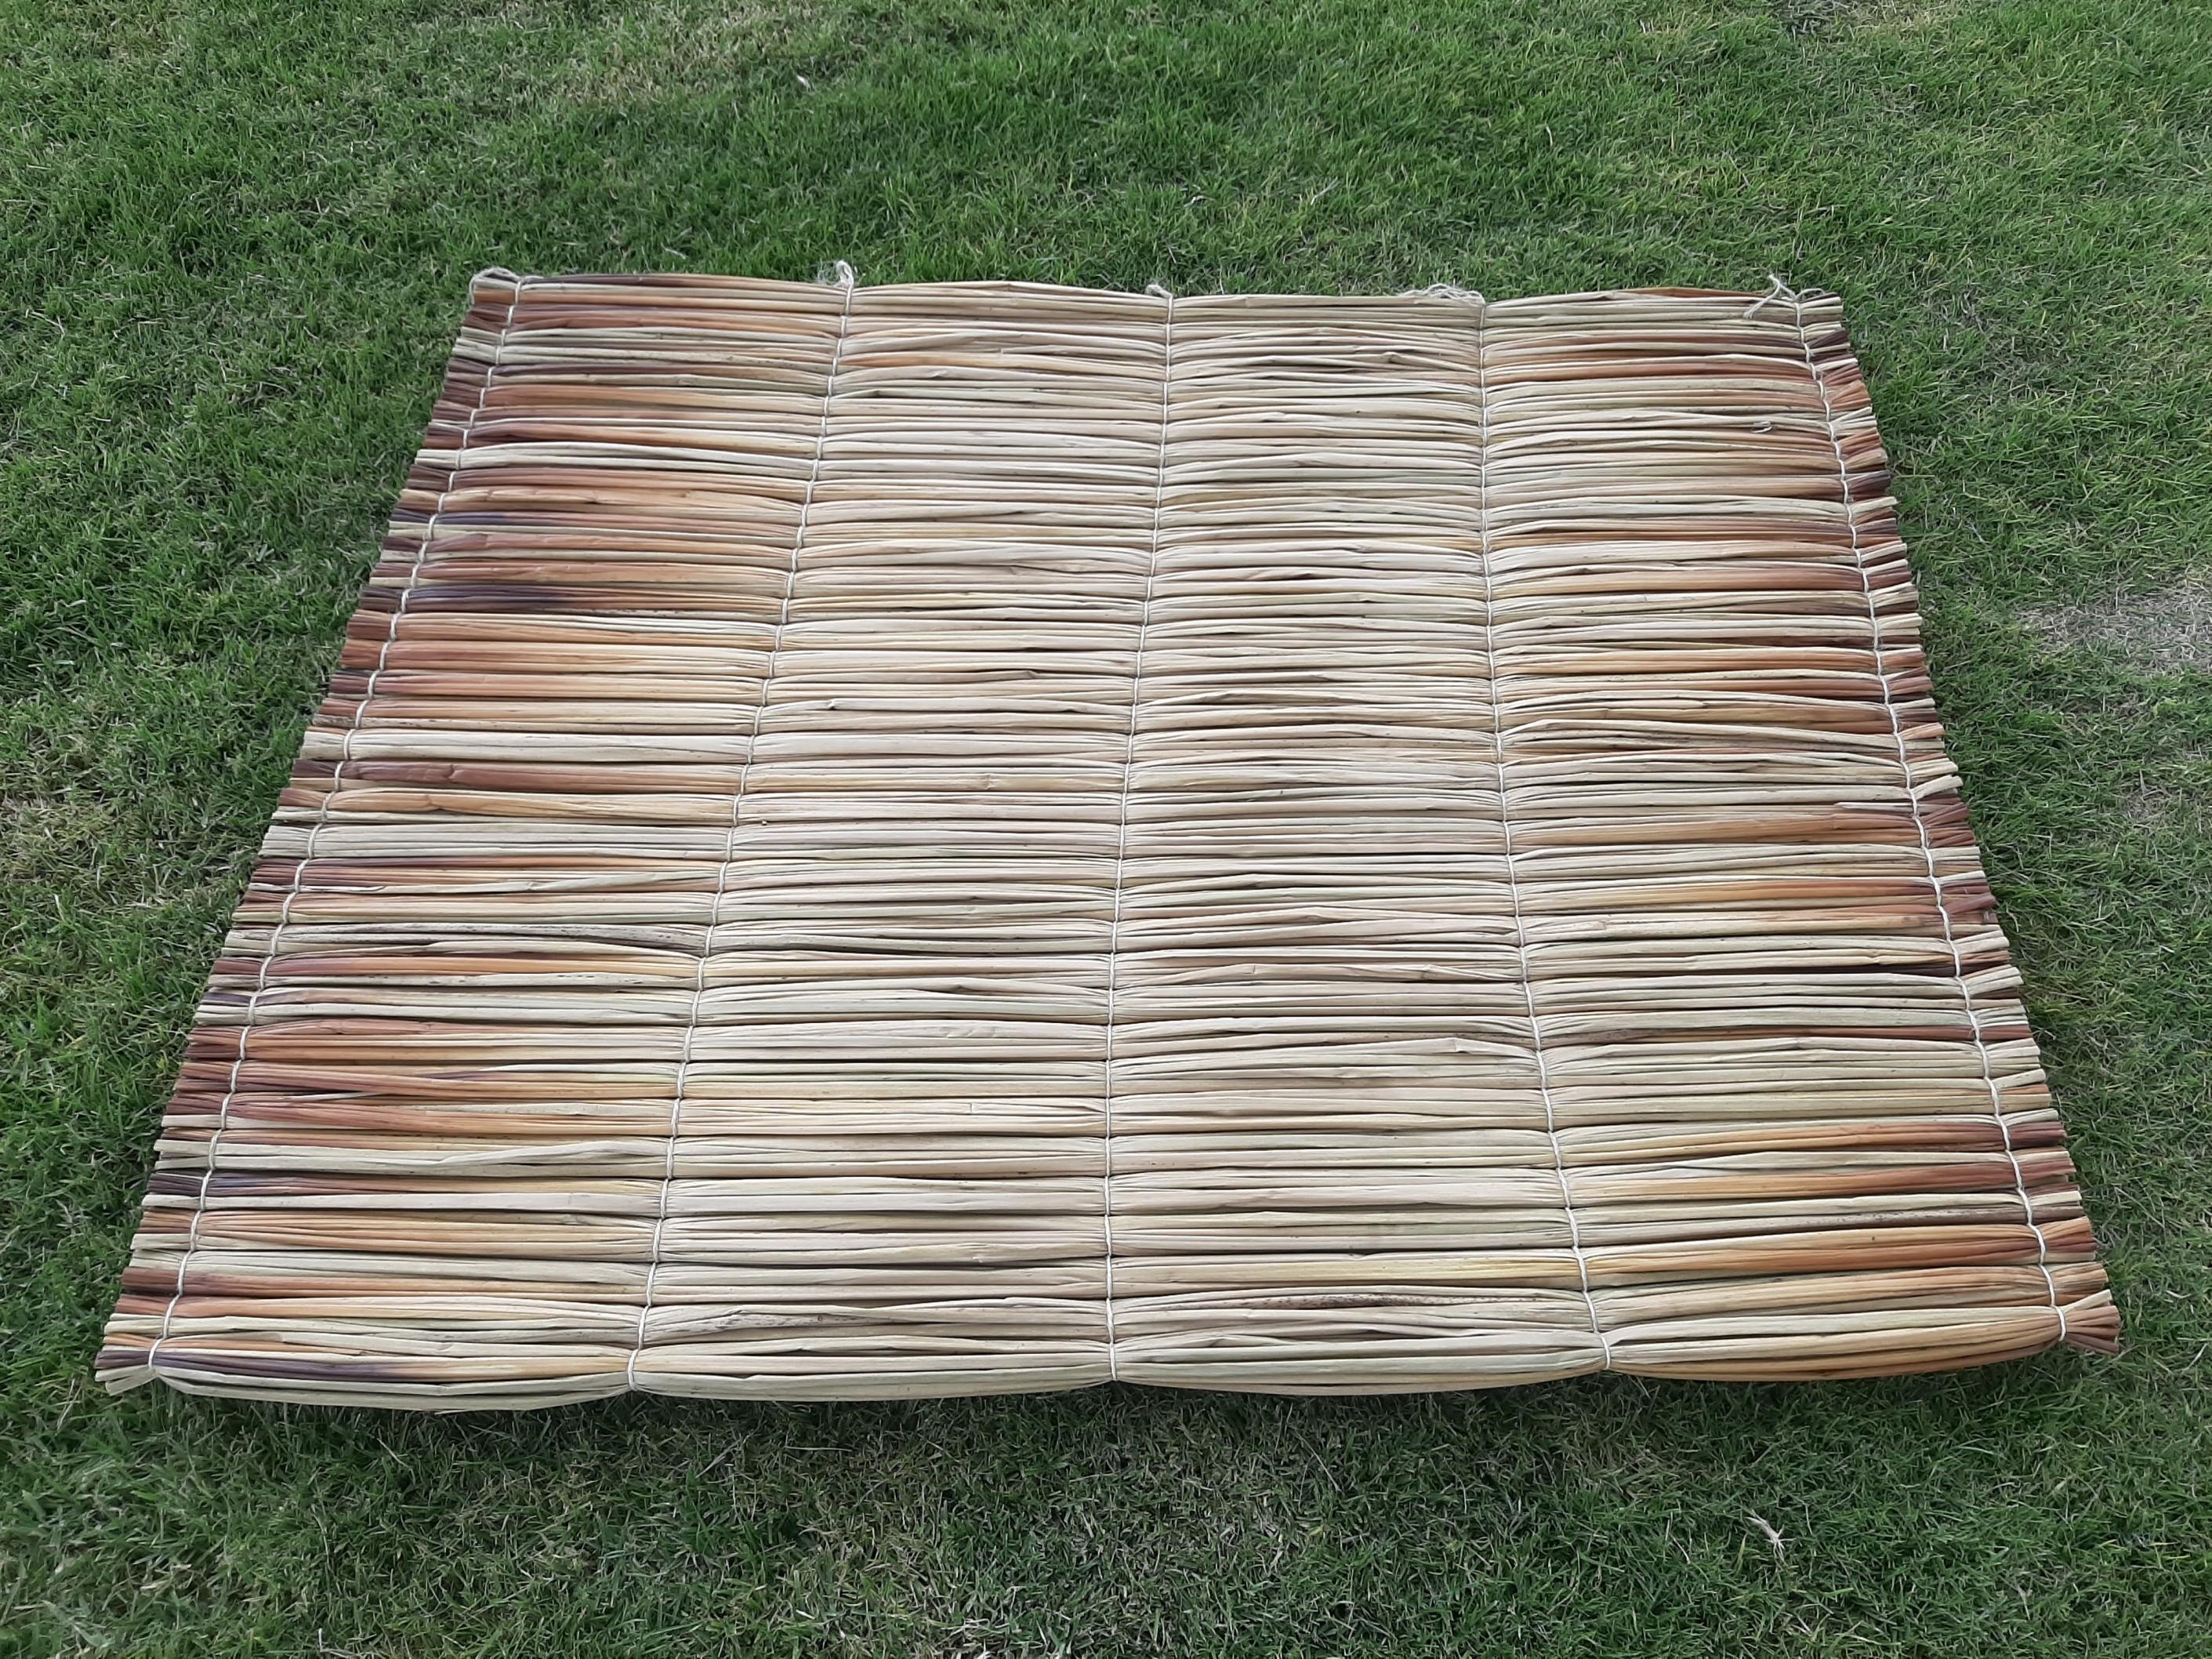 Colchones de Junco de 180 x 140 cm